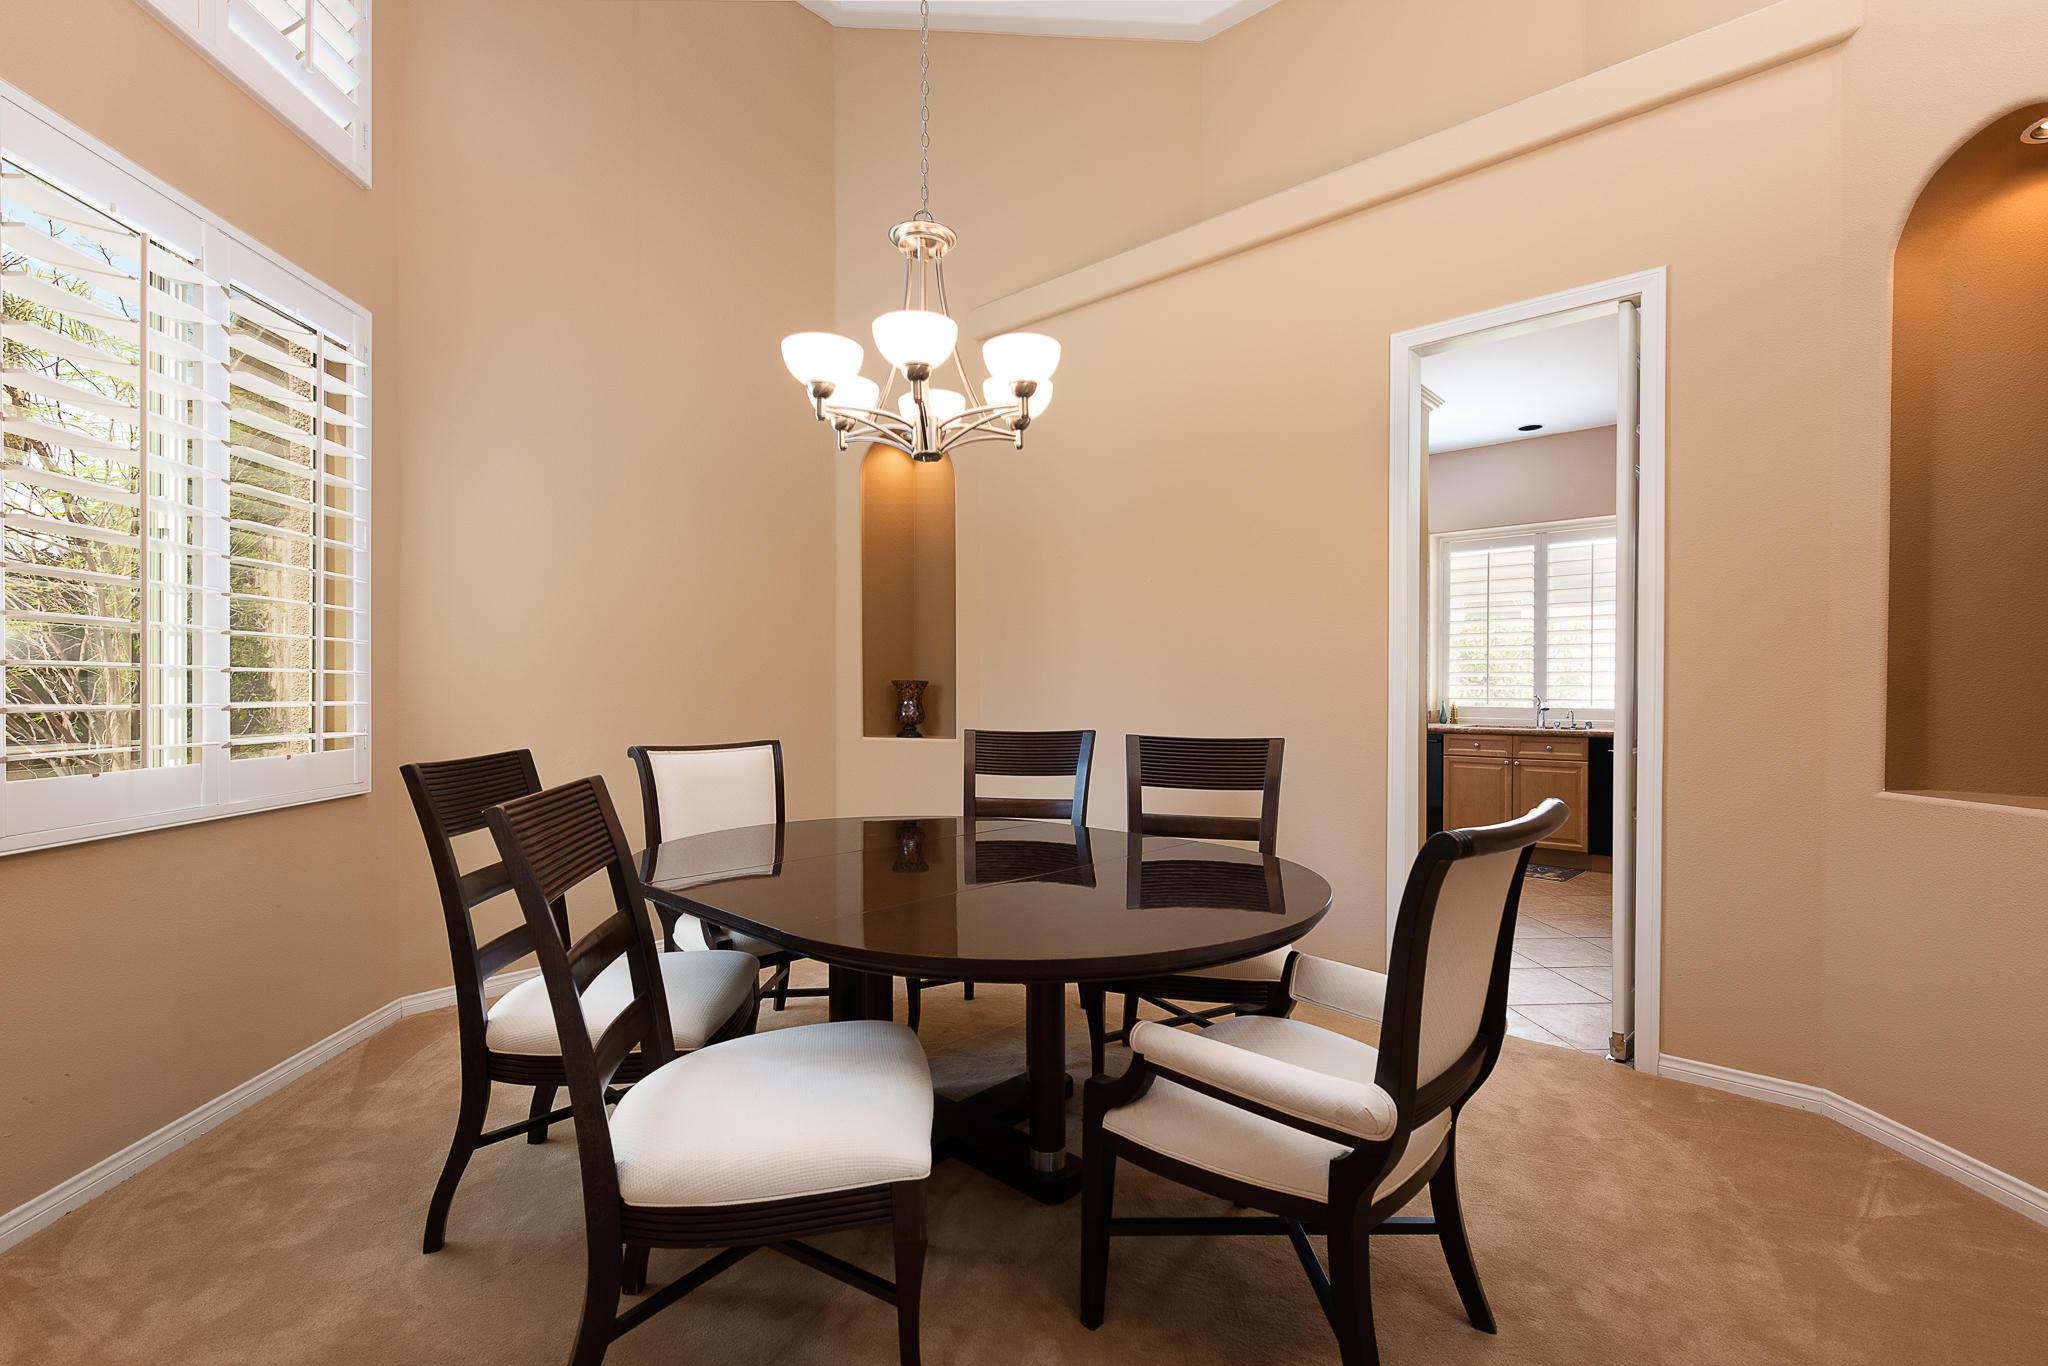 8 Marseilles Road, Rancho Mirage, California 92270, 3 Bedrooms Bedrooms, ,4 BathroomsBathrooms,Residential,For Sale,8 Marseilles Road,219036560